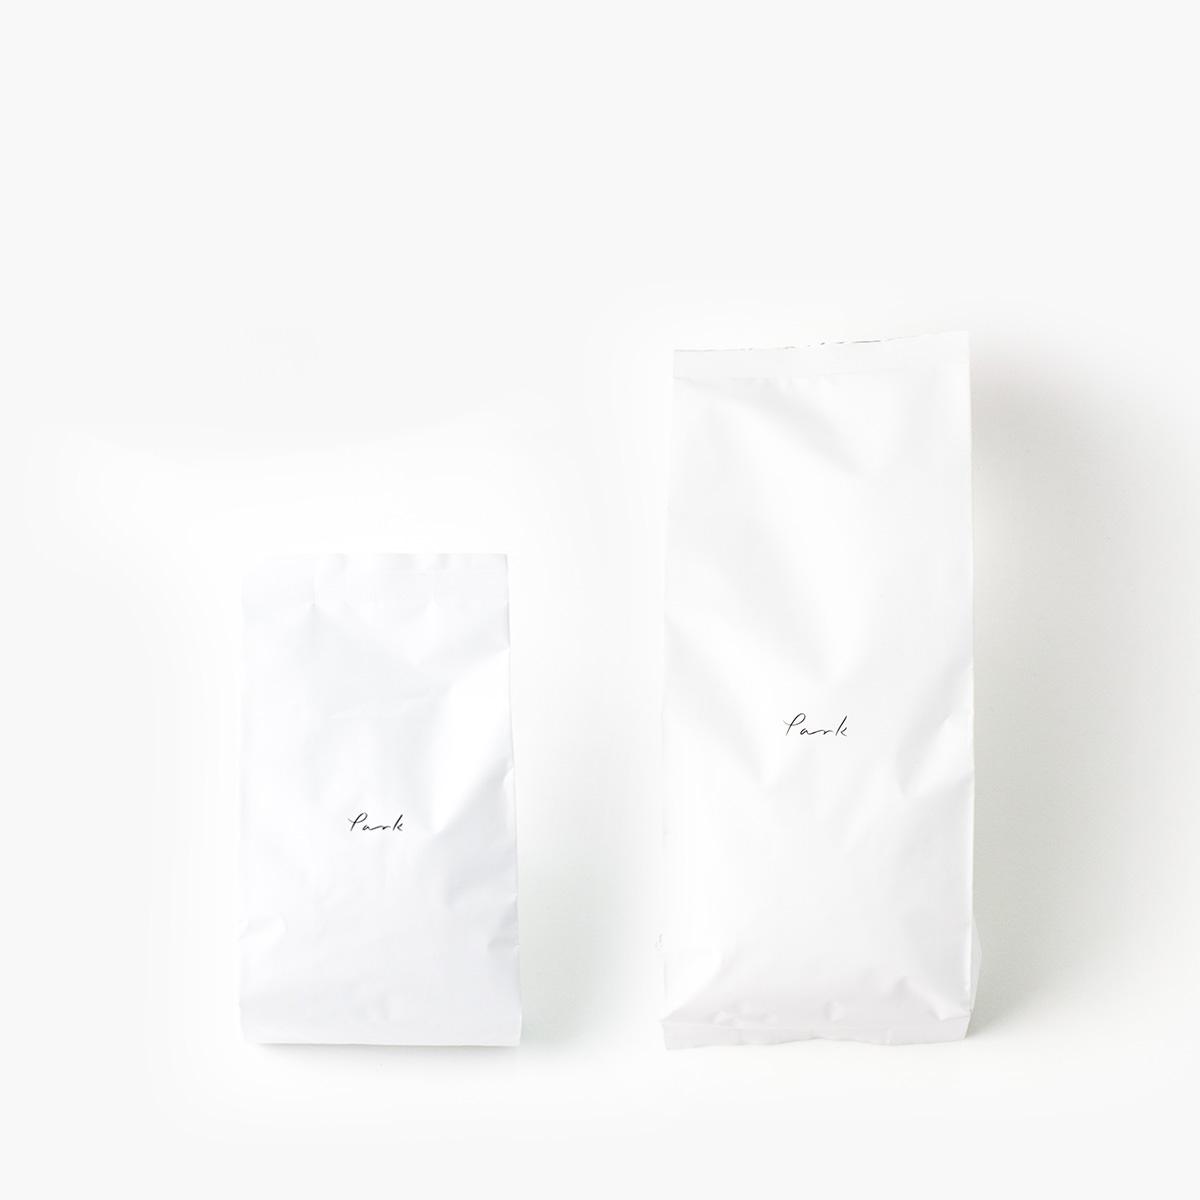 parkオリジナルブレンドコーヒーのオンラインストアでの販売を開始しました。